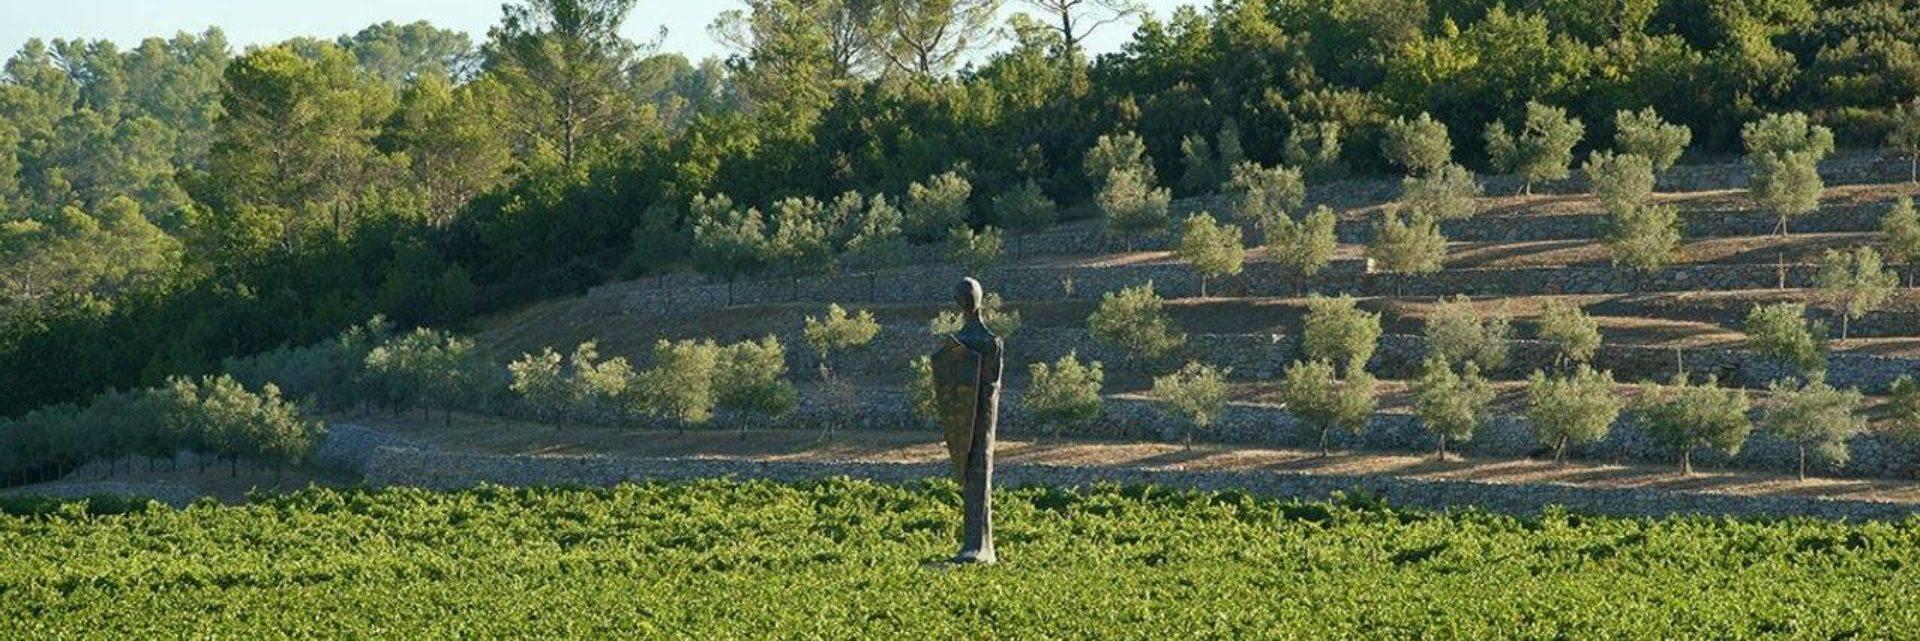 Commanderie de Peyrassol - Sculpture géante d'un chevalier templier au coeur des vignes